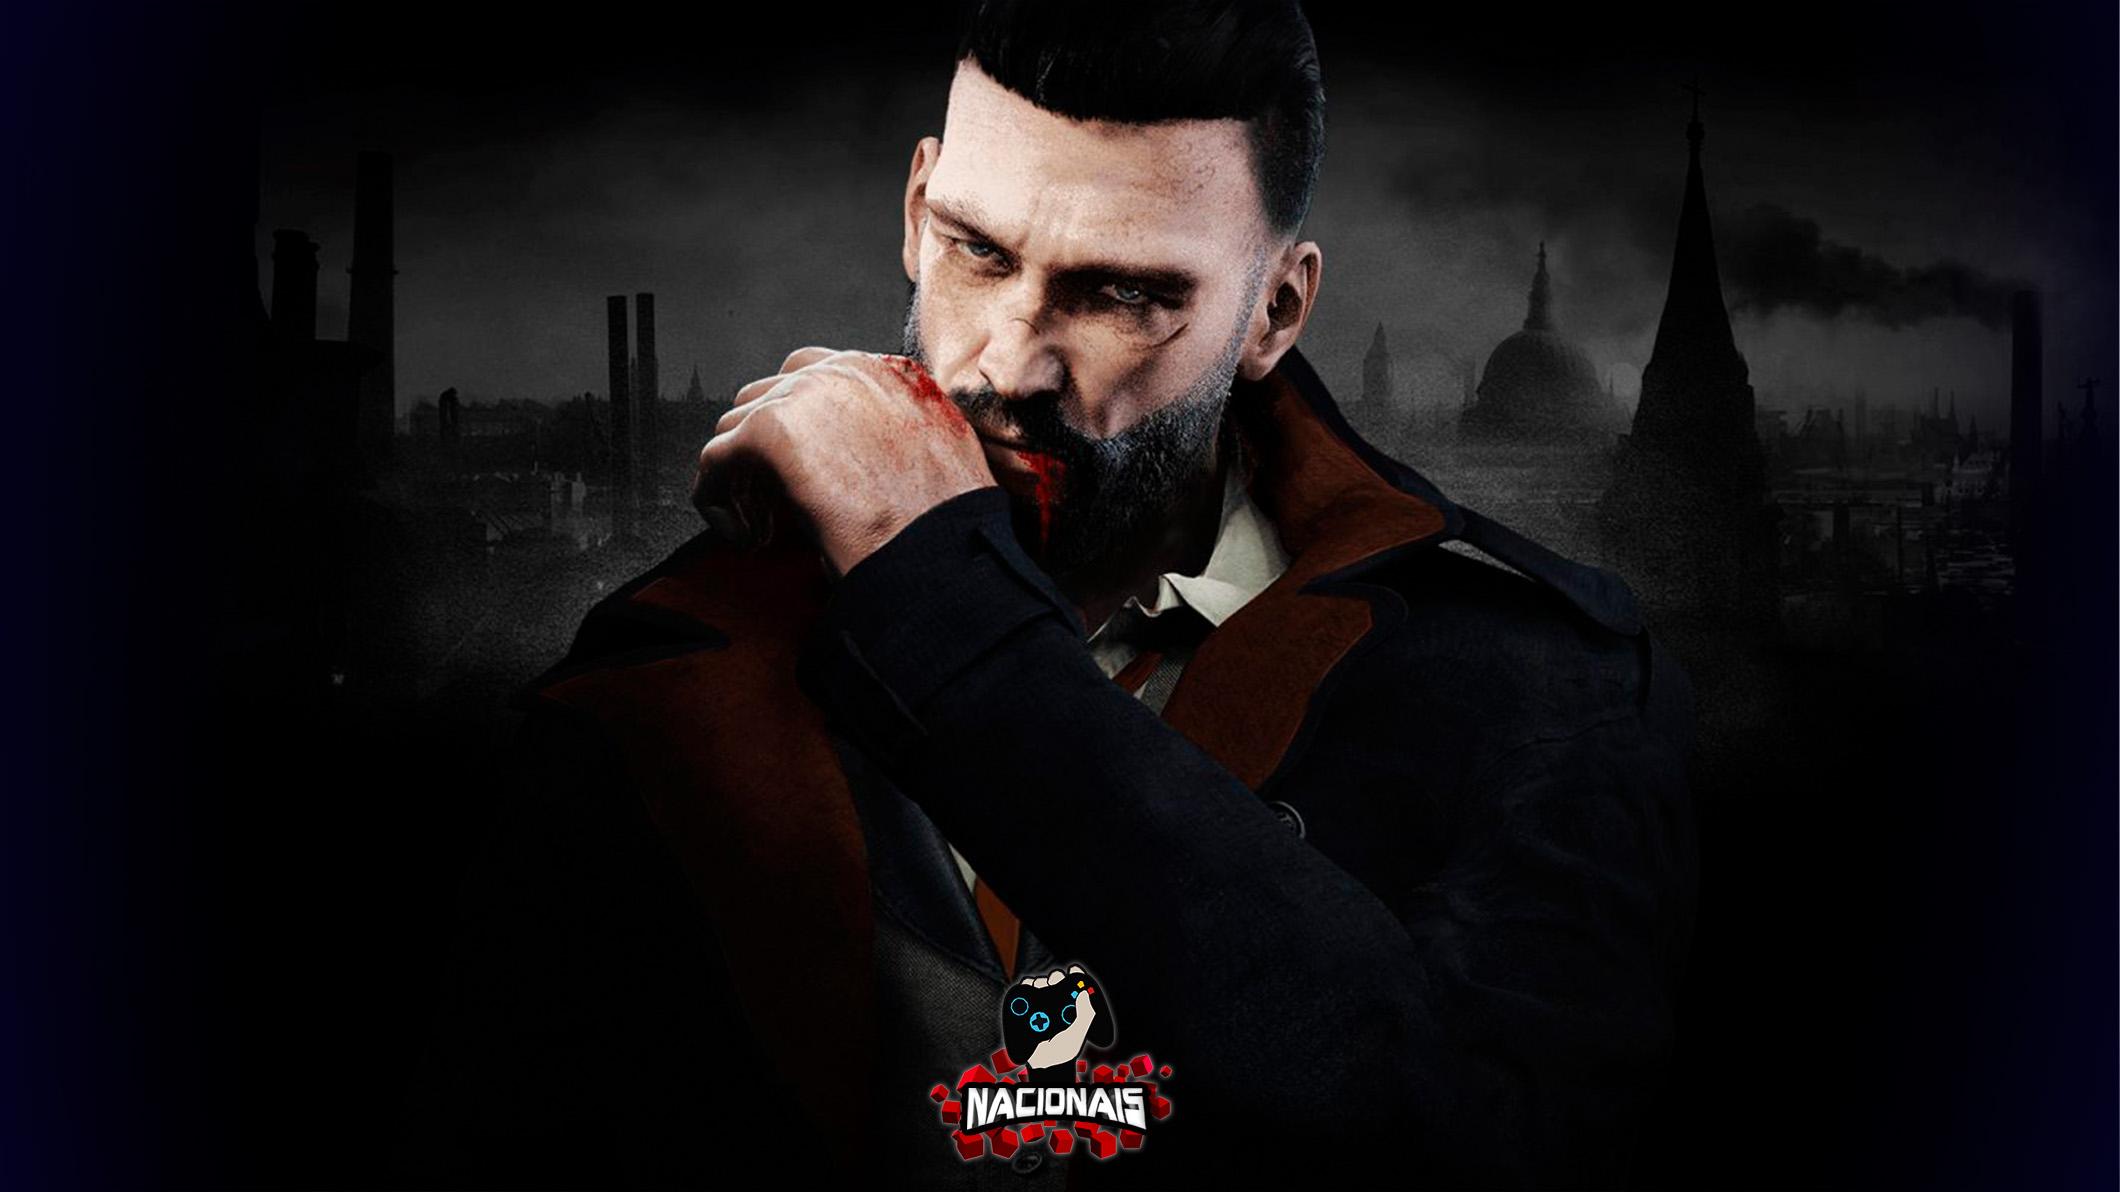 Vampyr: Bancamos o Edward Cullen no gameplay ao vivo do novo game da Dontnod